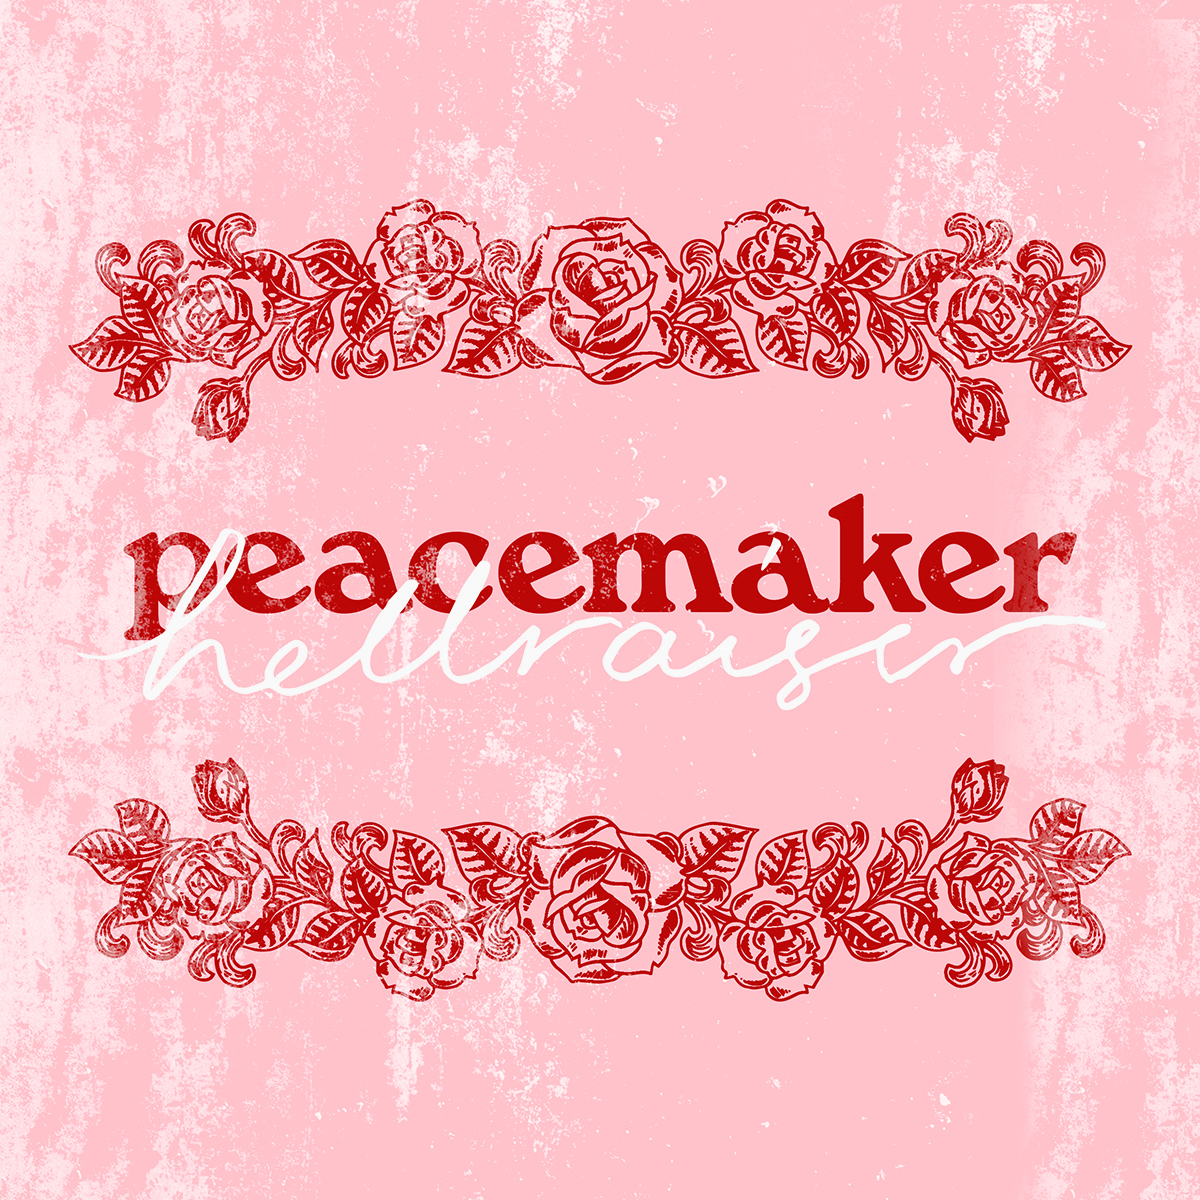 peacmaker-hellraiser-web.jpg